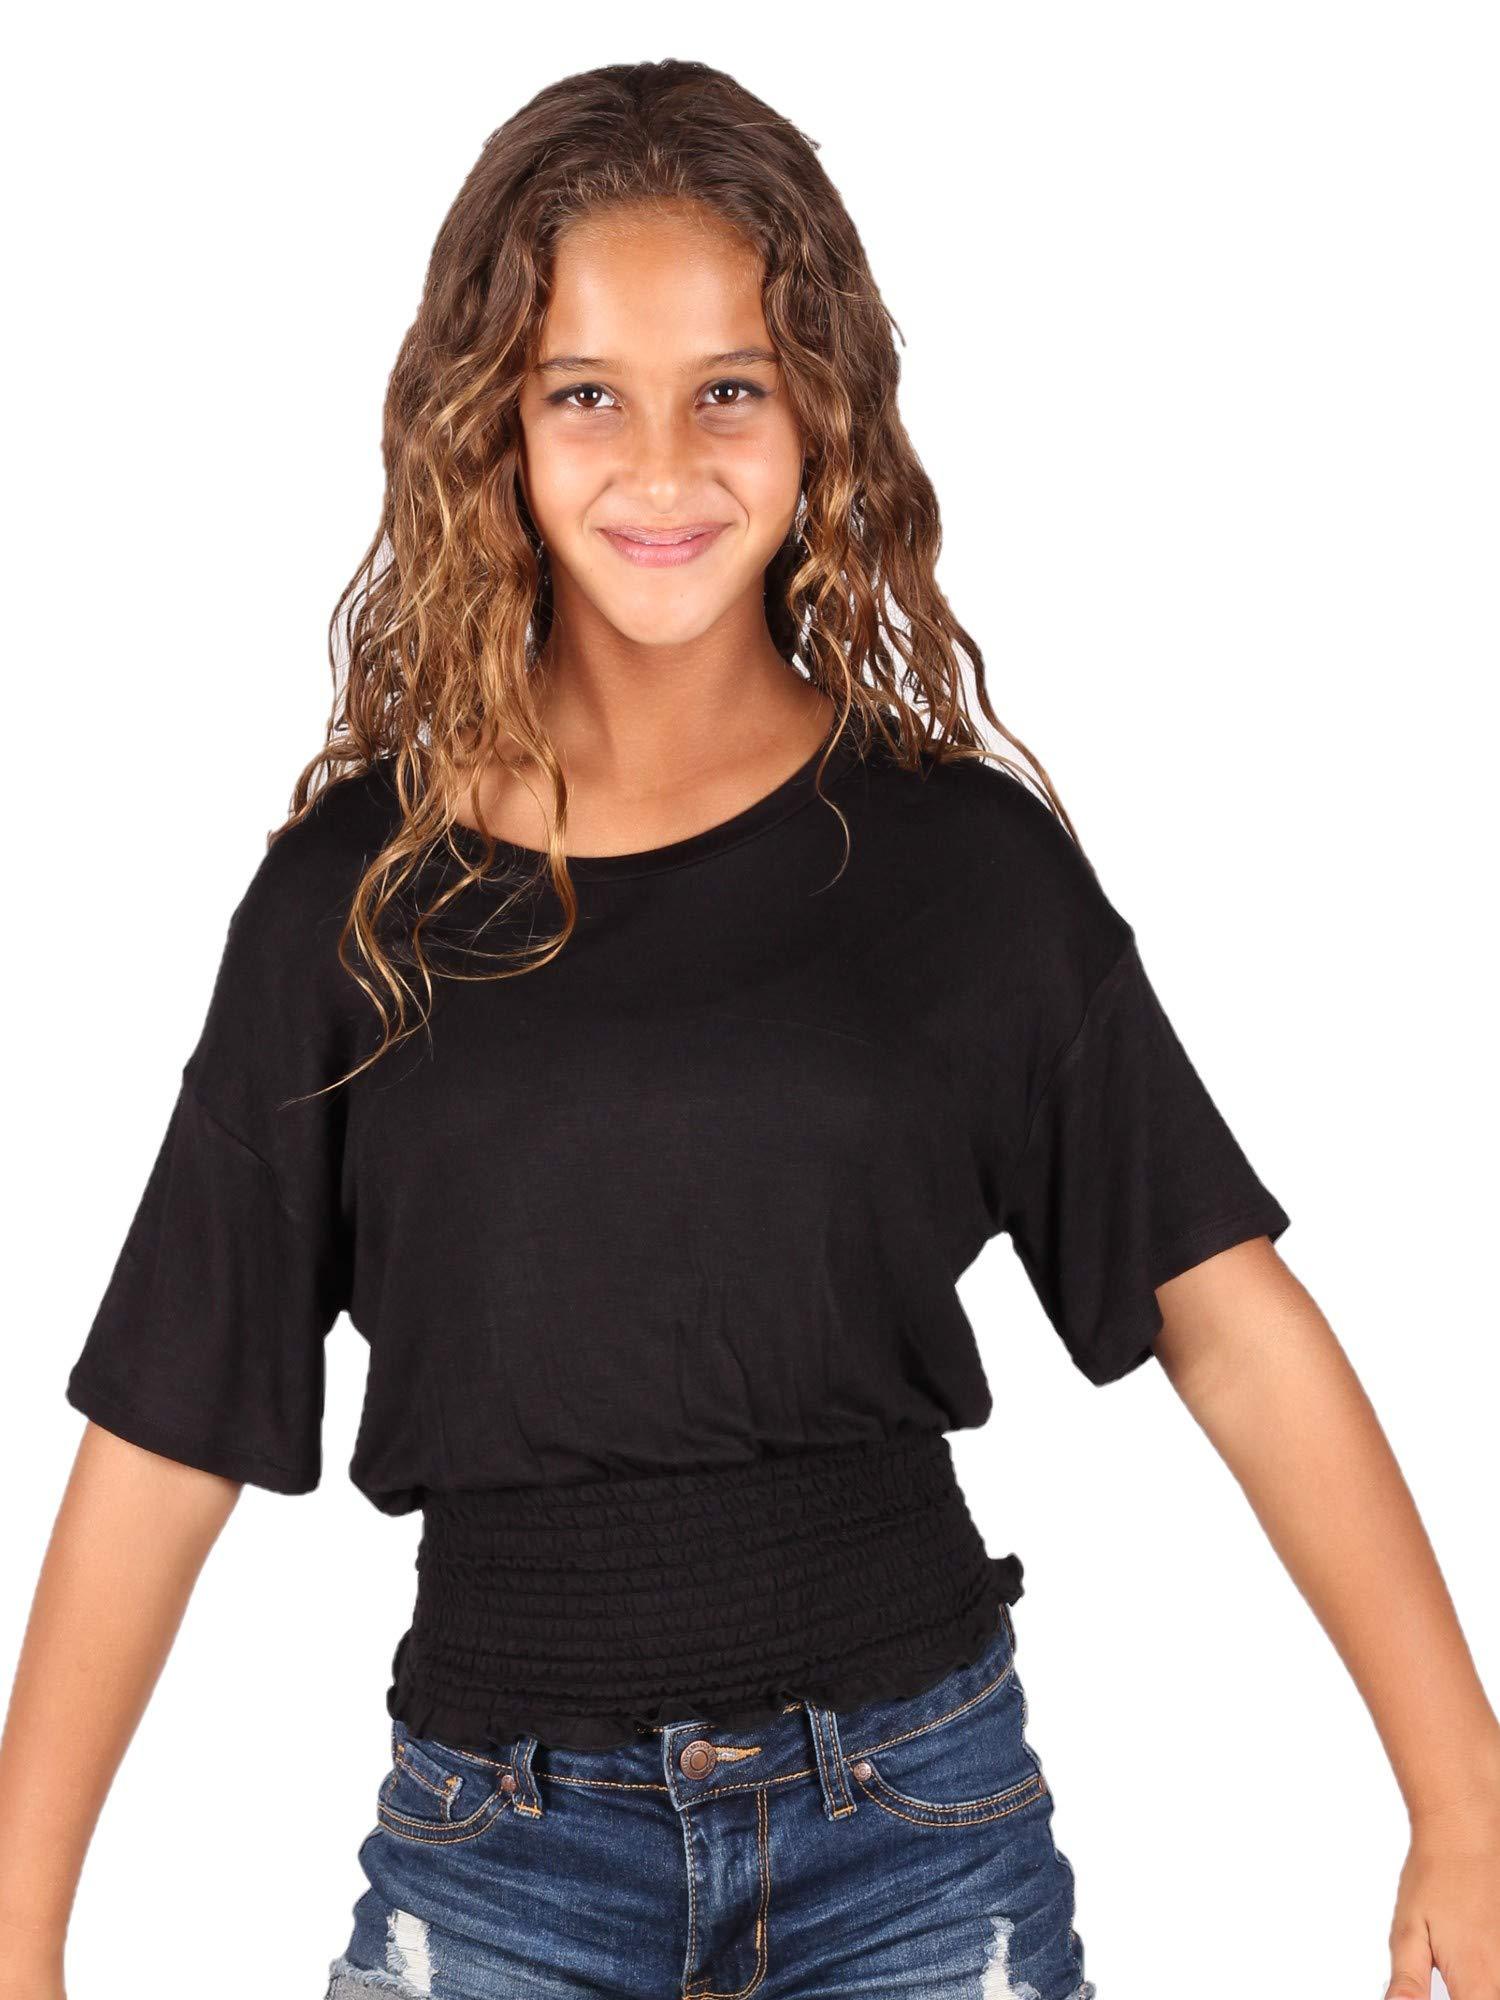 Lori&Jane Big Girls Black Solid Color Elastic Top 12